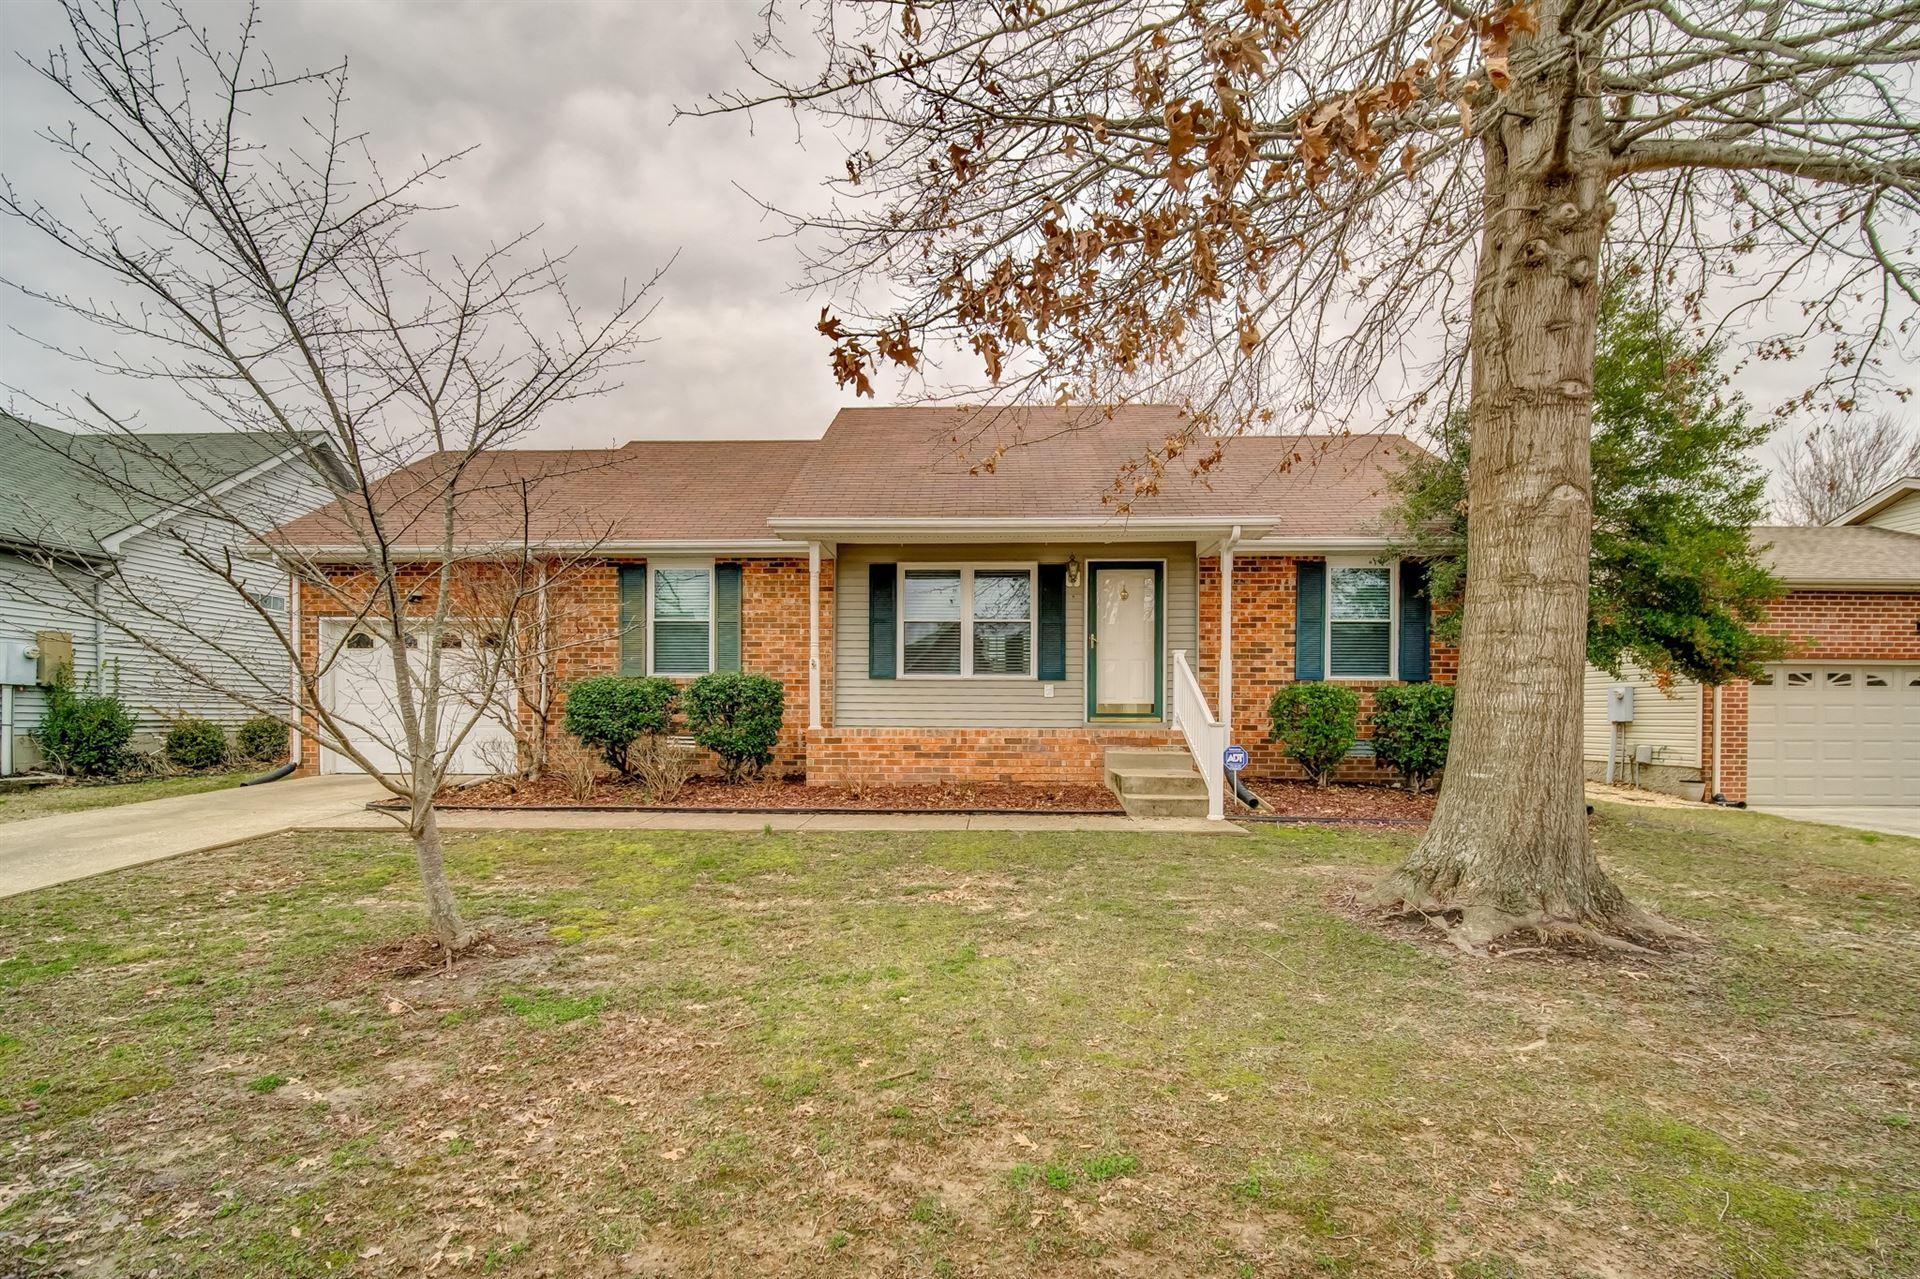 1845 Merritt St, Old Hickory, TN 37138 - MLS#: 2231954